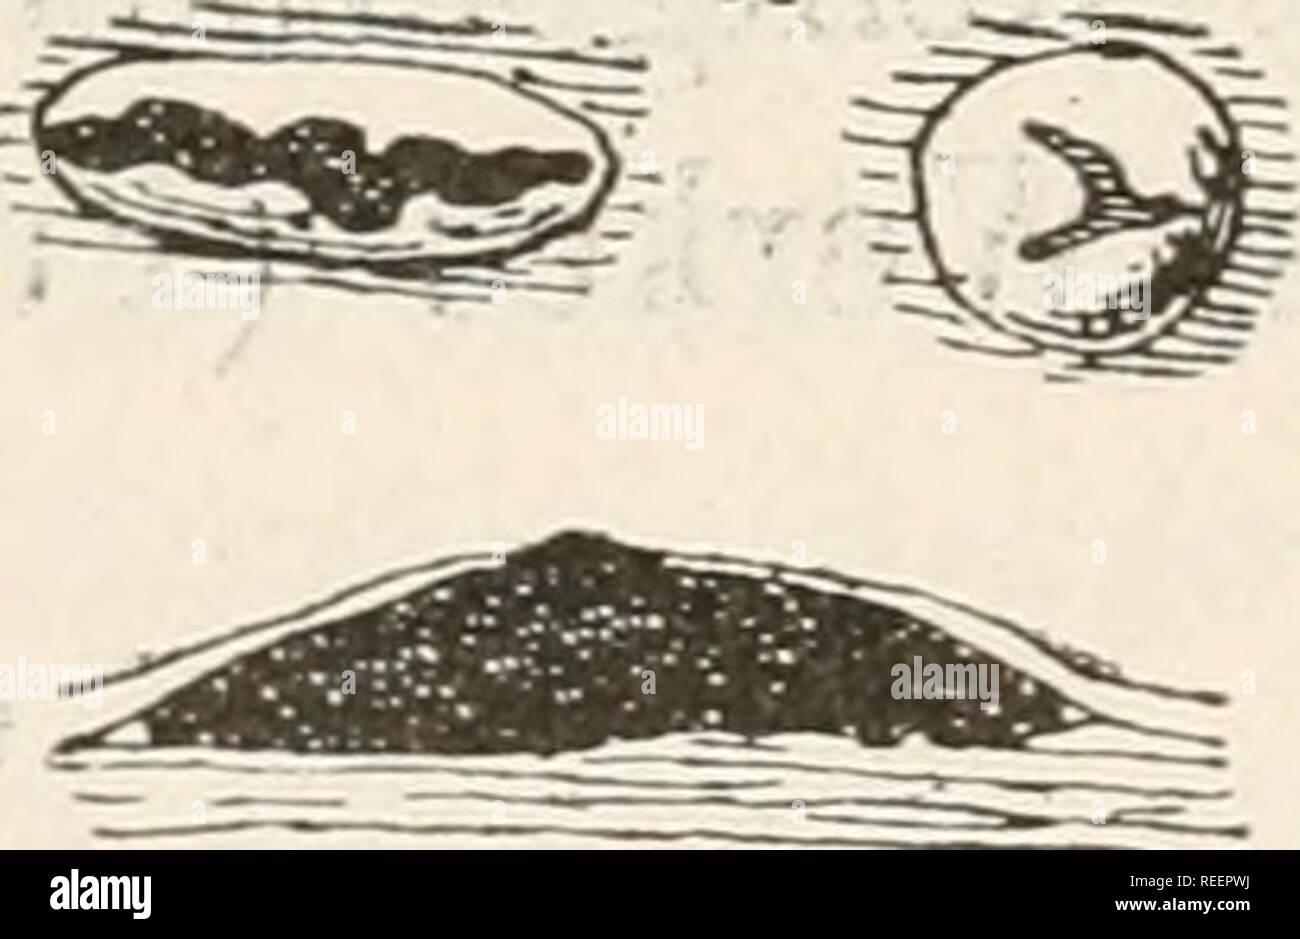 """. El Dr. L. Rabenhorst's Kryptogamen-Flora von Deutschland, Oesterreich und der Schweiz. Cryptogams -- Alemania; Cryptogams -- Austria; Cryptogams -- Suiza. -R>n 748 Cryptosporium Auf vertrockneten, abgefallenen Blättern von Ribes alpinum imRheingaU' ' Sali, 4705. Cr. maculans Cor da, Icono. Fung. I. pág. 2, fig. 31. Sacc., Syll. III. pág. 742. Cryptosporium maculans Corda. f). Ein Aststückchen von Salix mit dem Pilze en natürlicher Grösse. fjBy*) c b. Zwei schwach vergrösserte Sporenlager. 1 c. Ein schwach vergrößertes, senkrecht durch- .•**&"""". iÜ schnittenes Sporenlager ^^-^^^P R $& Foto de stock"""